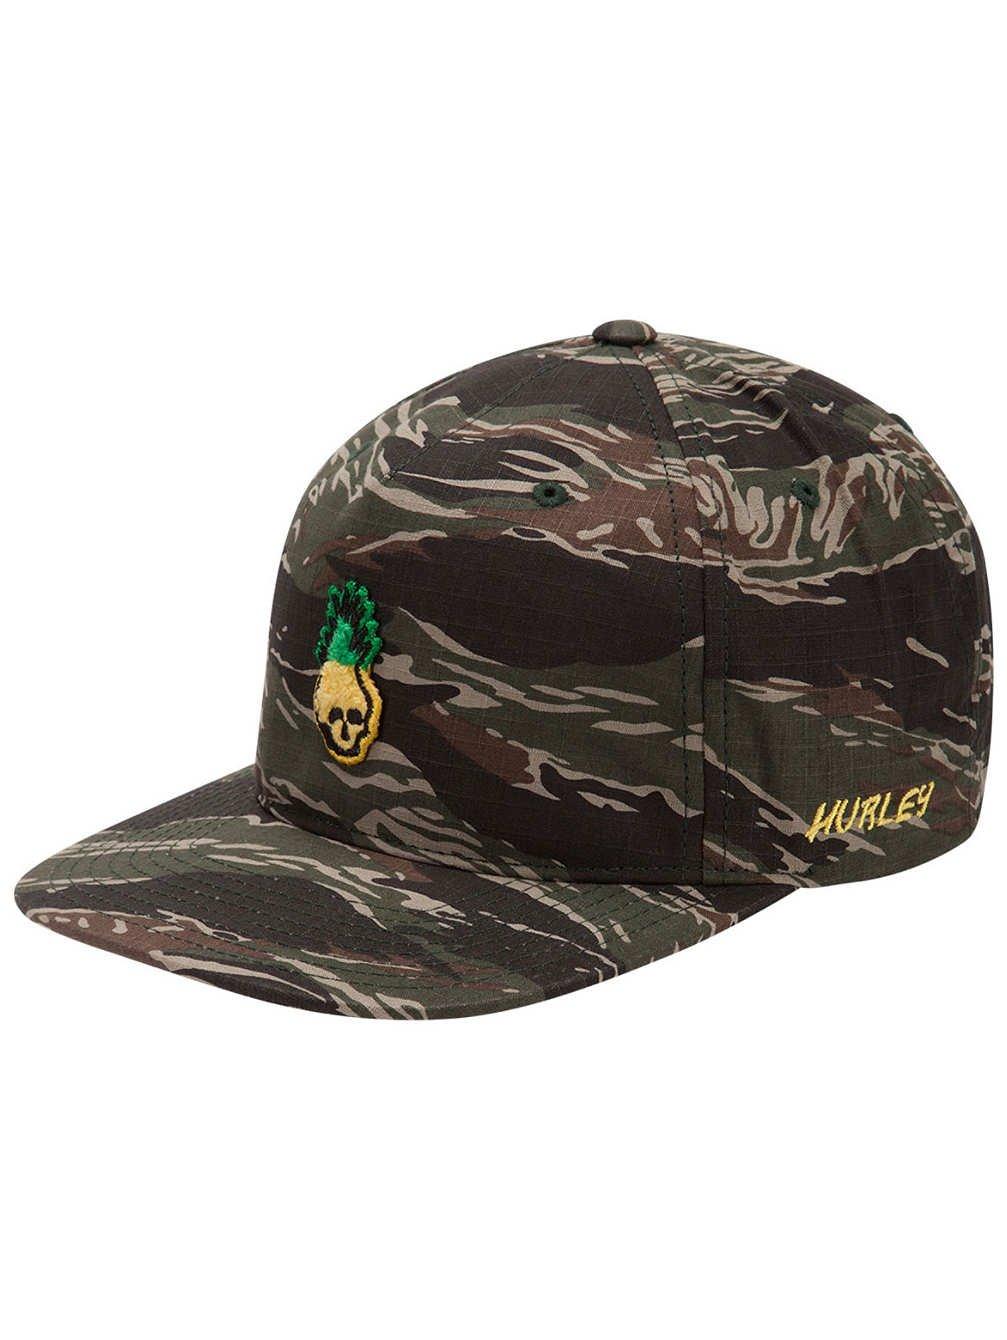 Hurley Pineapple Gorra Hombre Talla /Única Verde Camo Green